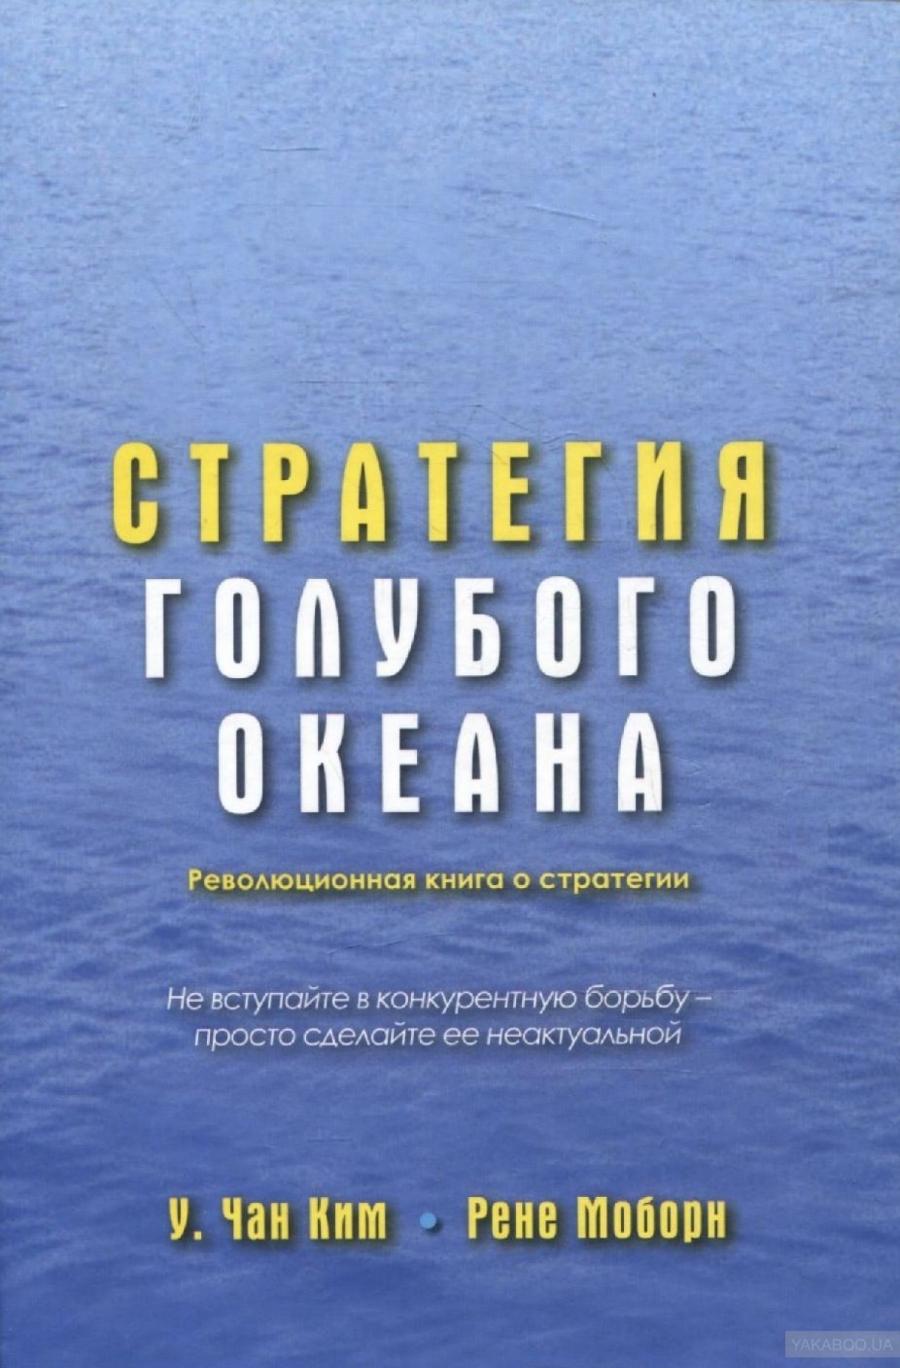 Обложка книги:  ким у.ч., моборн р. - стратегия голубого океана. как создать свободную нишу и перестать бояться конкурентов